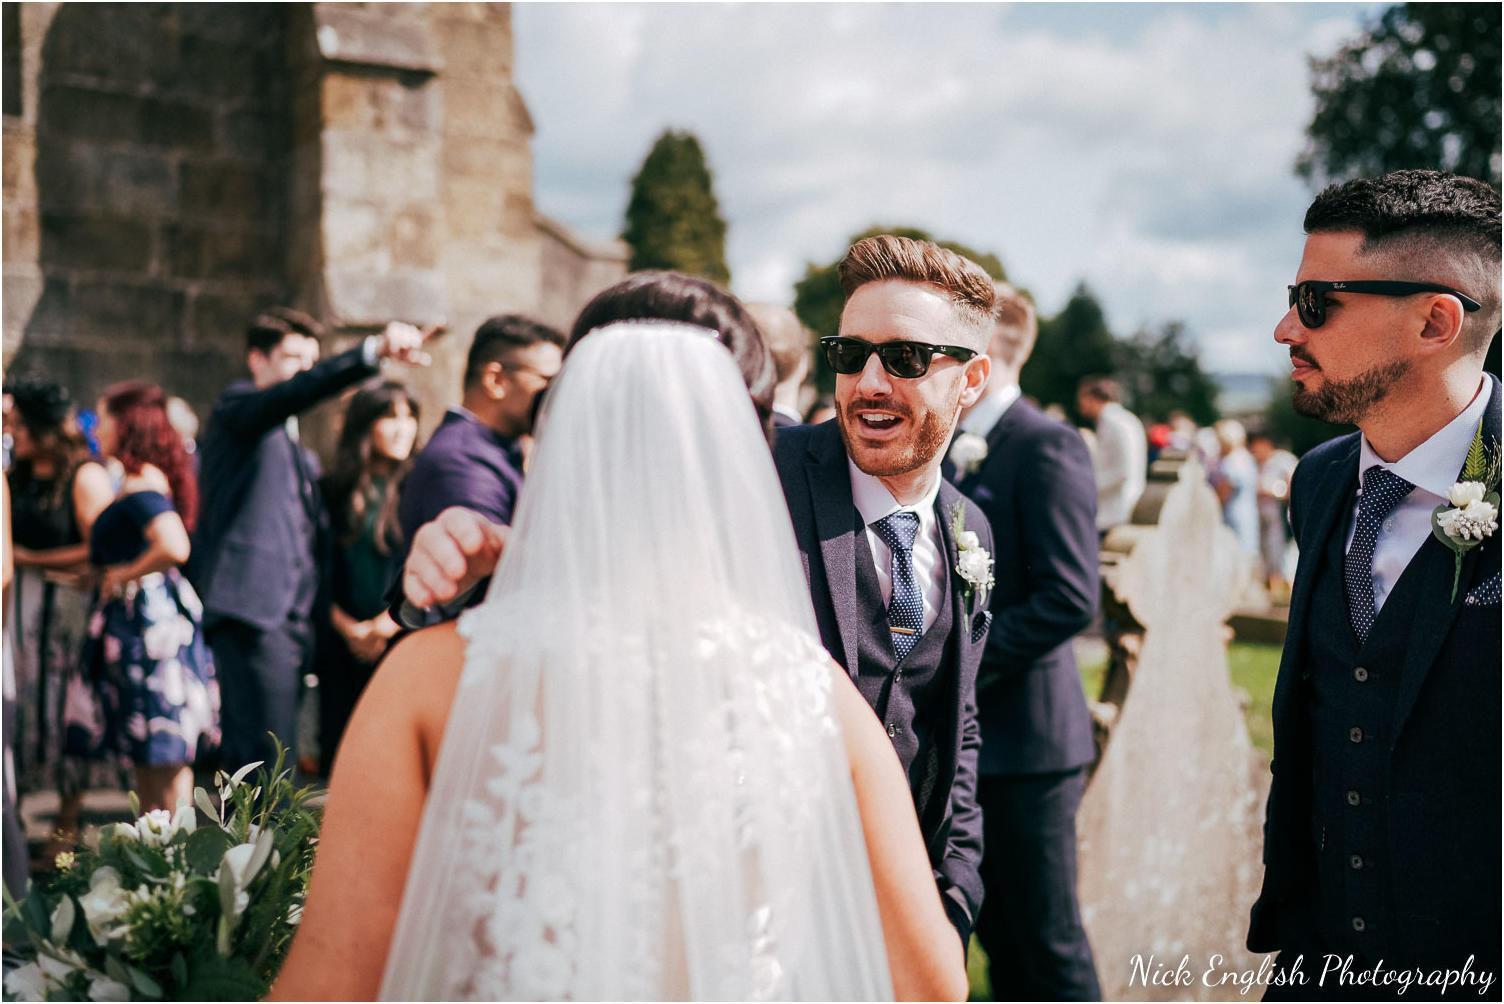 Browsholme_Hall_Barn_Wedding_Nick_English_Photography-62.jpg